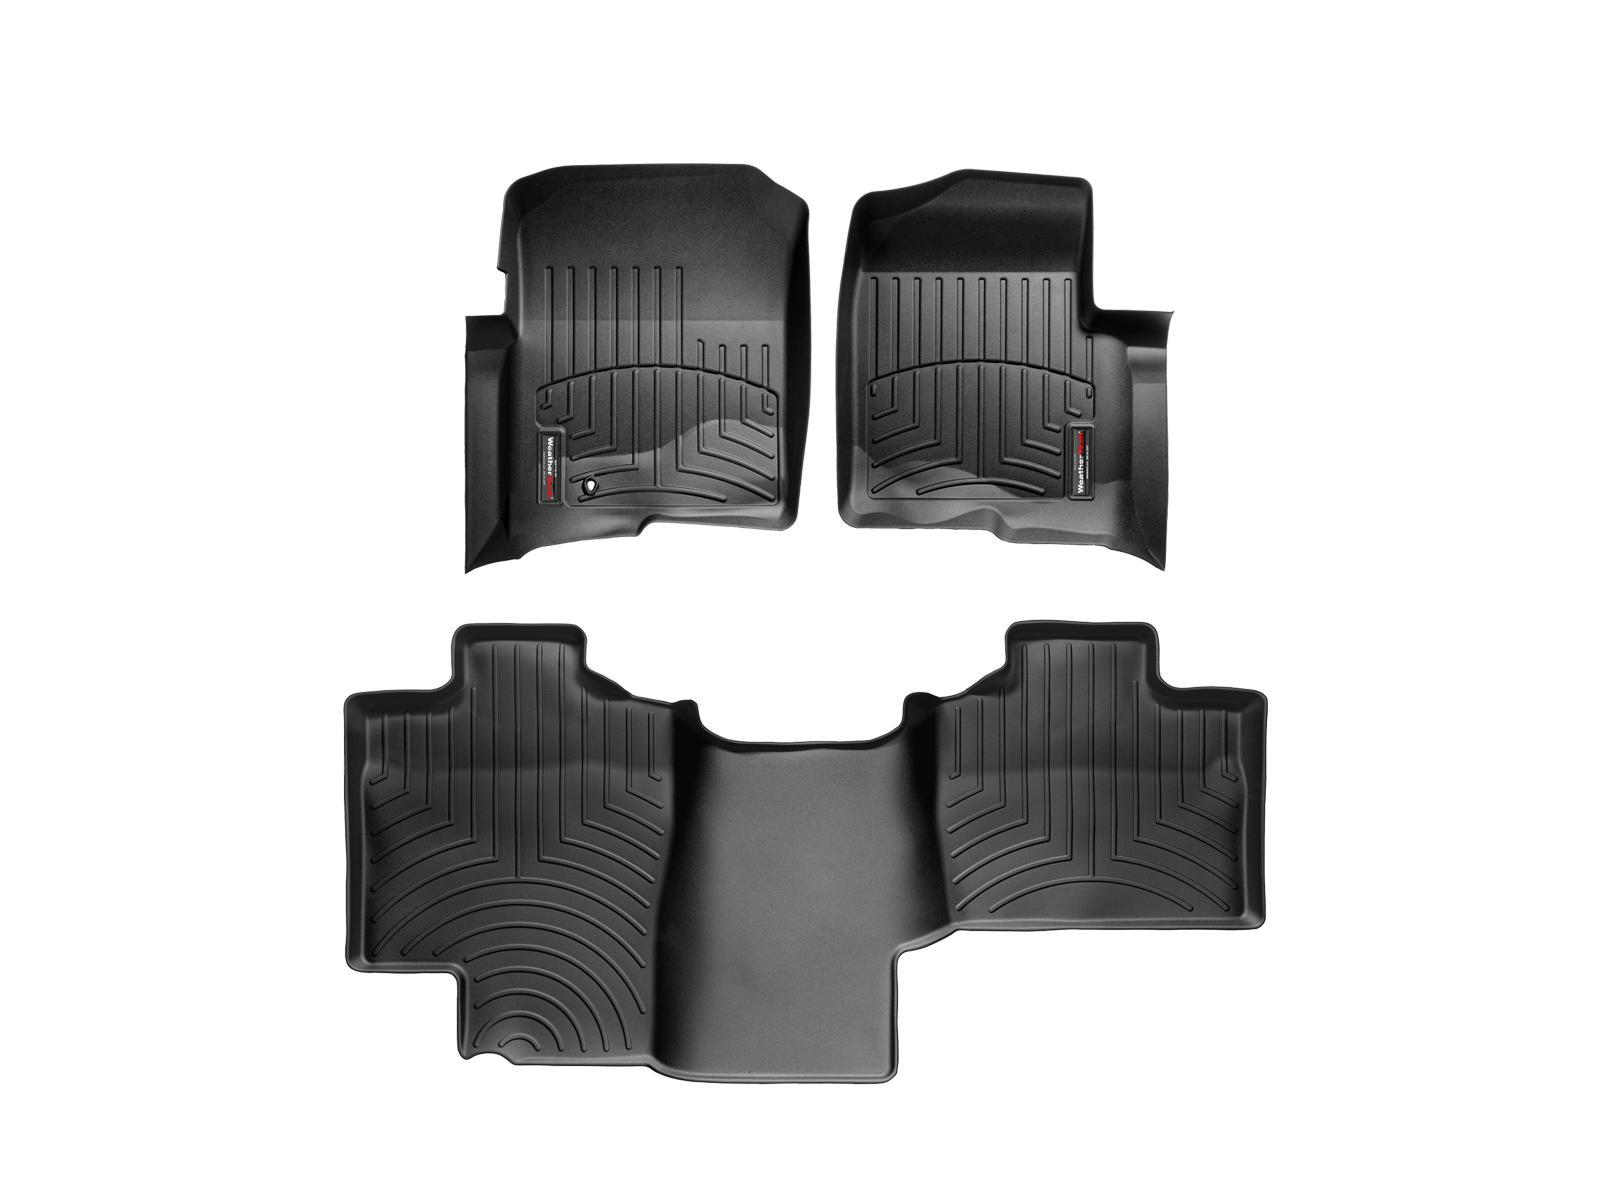 Tappeti gomma su misura bordo alto Ford F-150 04>04 Nero A888*